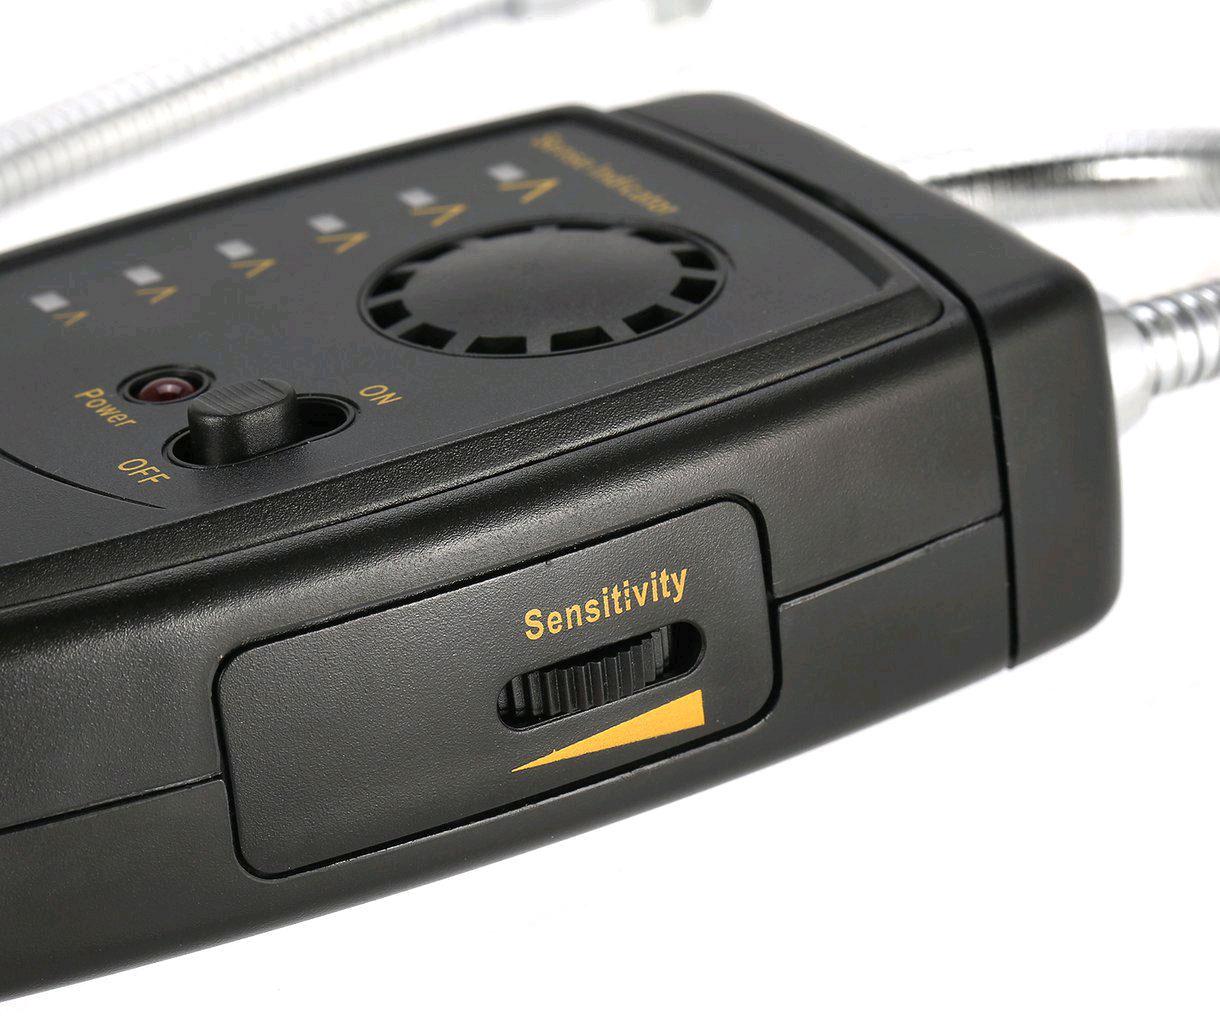 AS5750L детектор утечки фреона: подстройка чувствительности